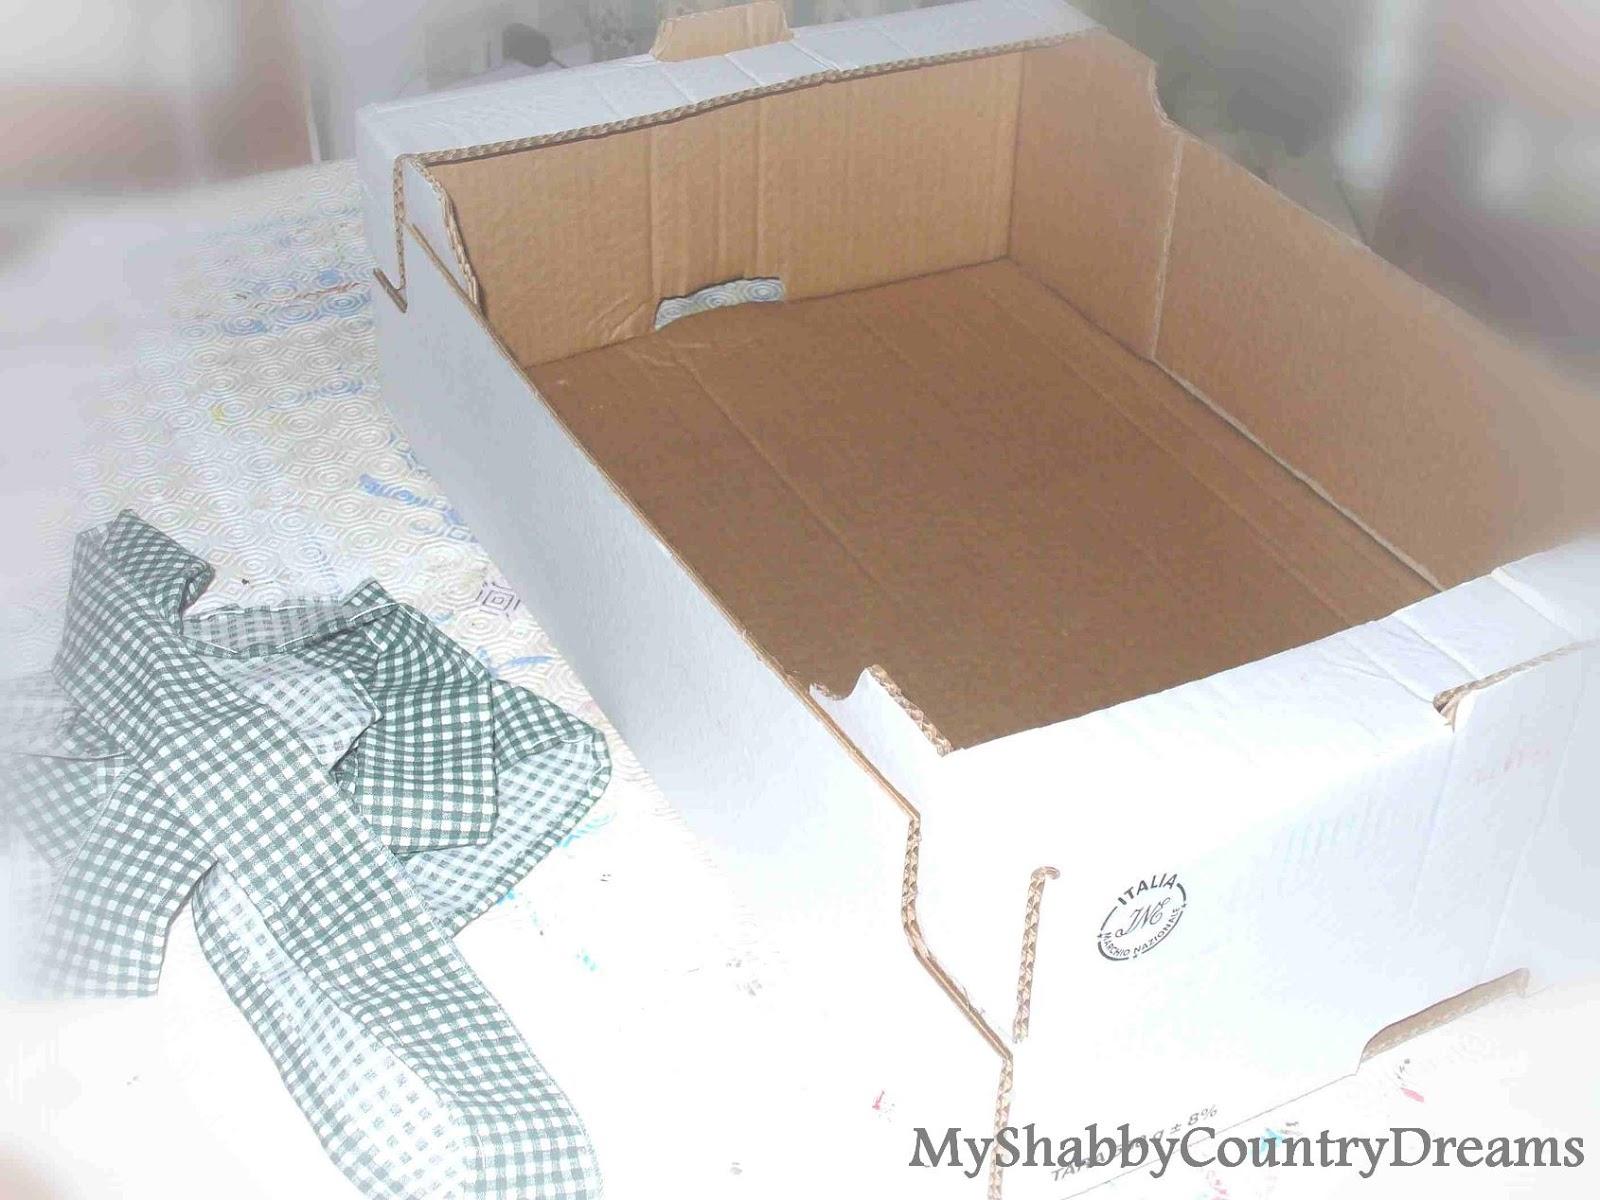 Famoso MyShabbyCountryDreams: Scatola Porta Bomboniere DR64